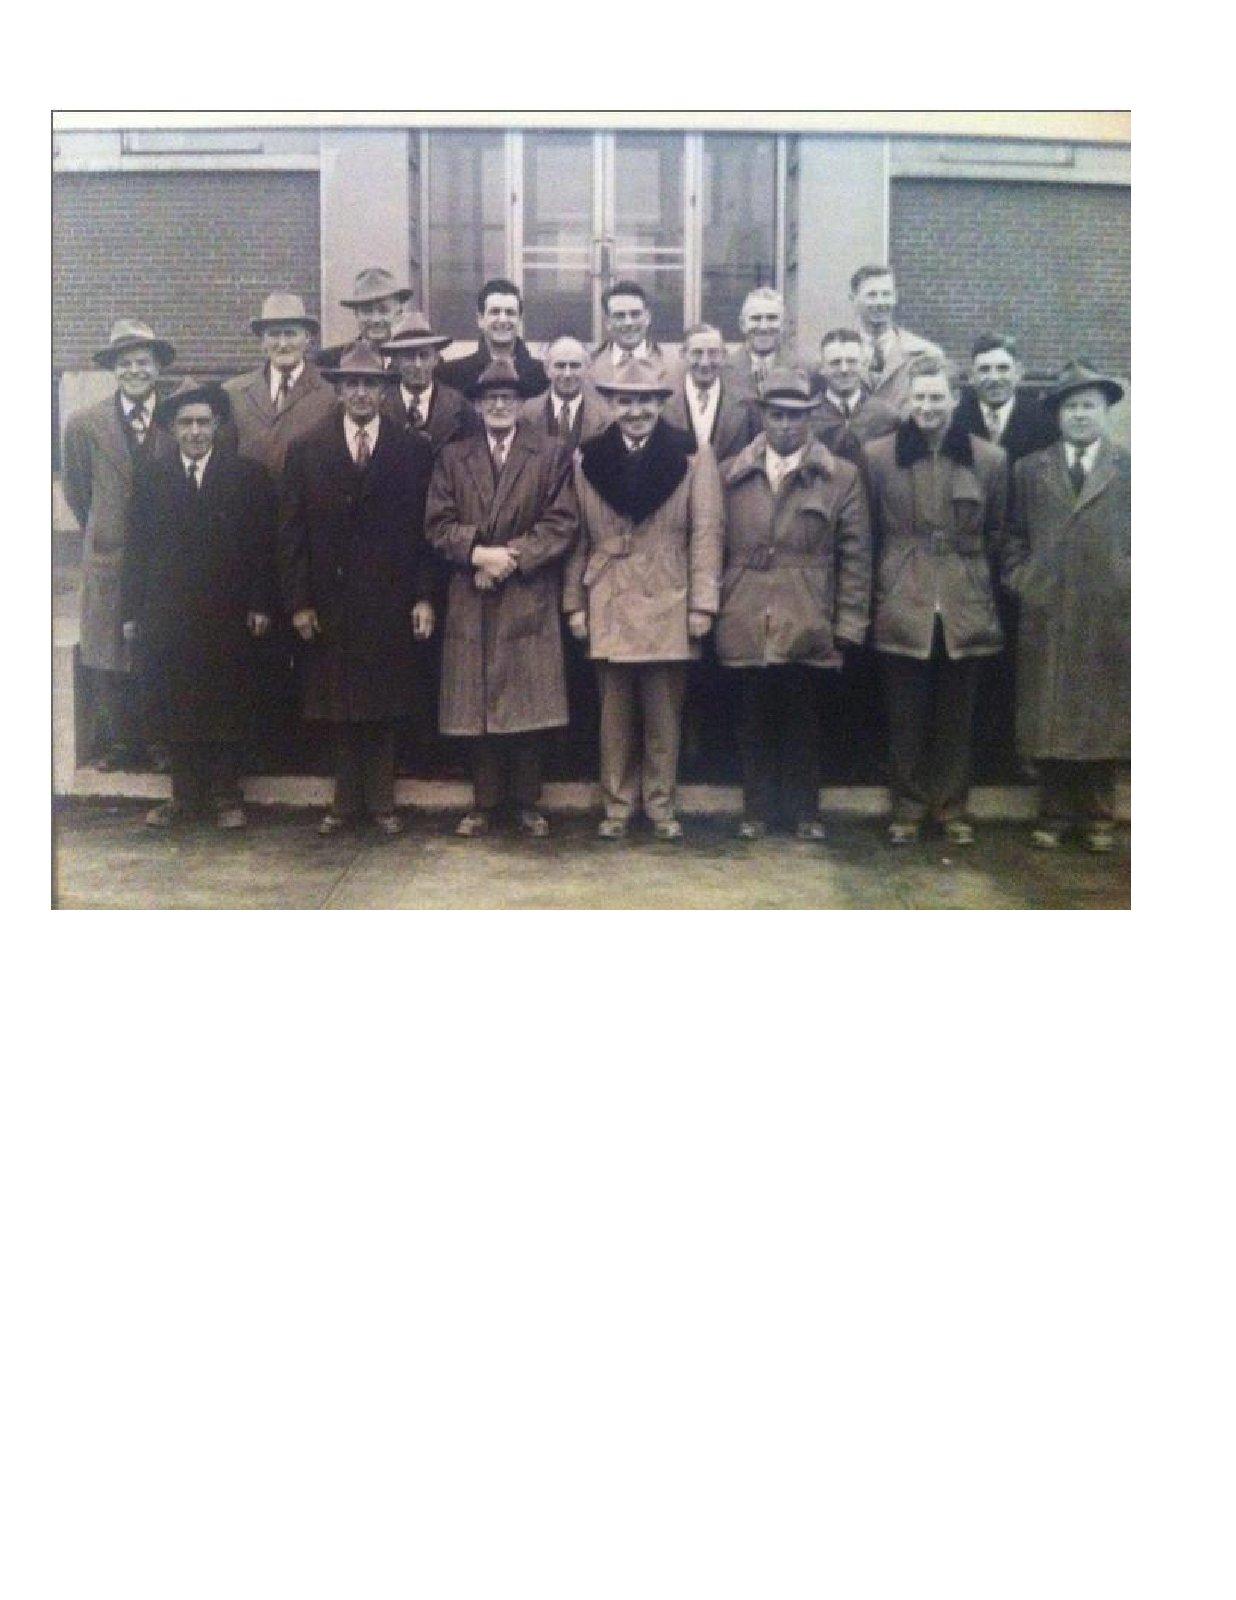 Area Men Tour Master Feeds in Toronto, 1940s